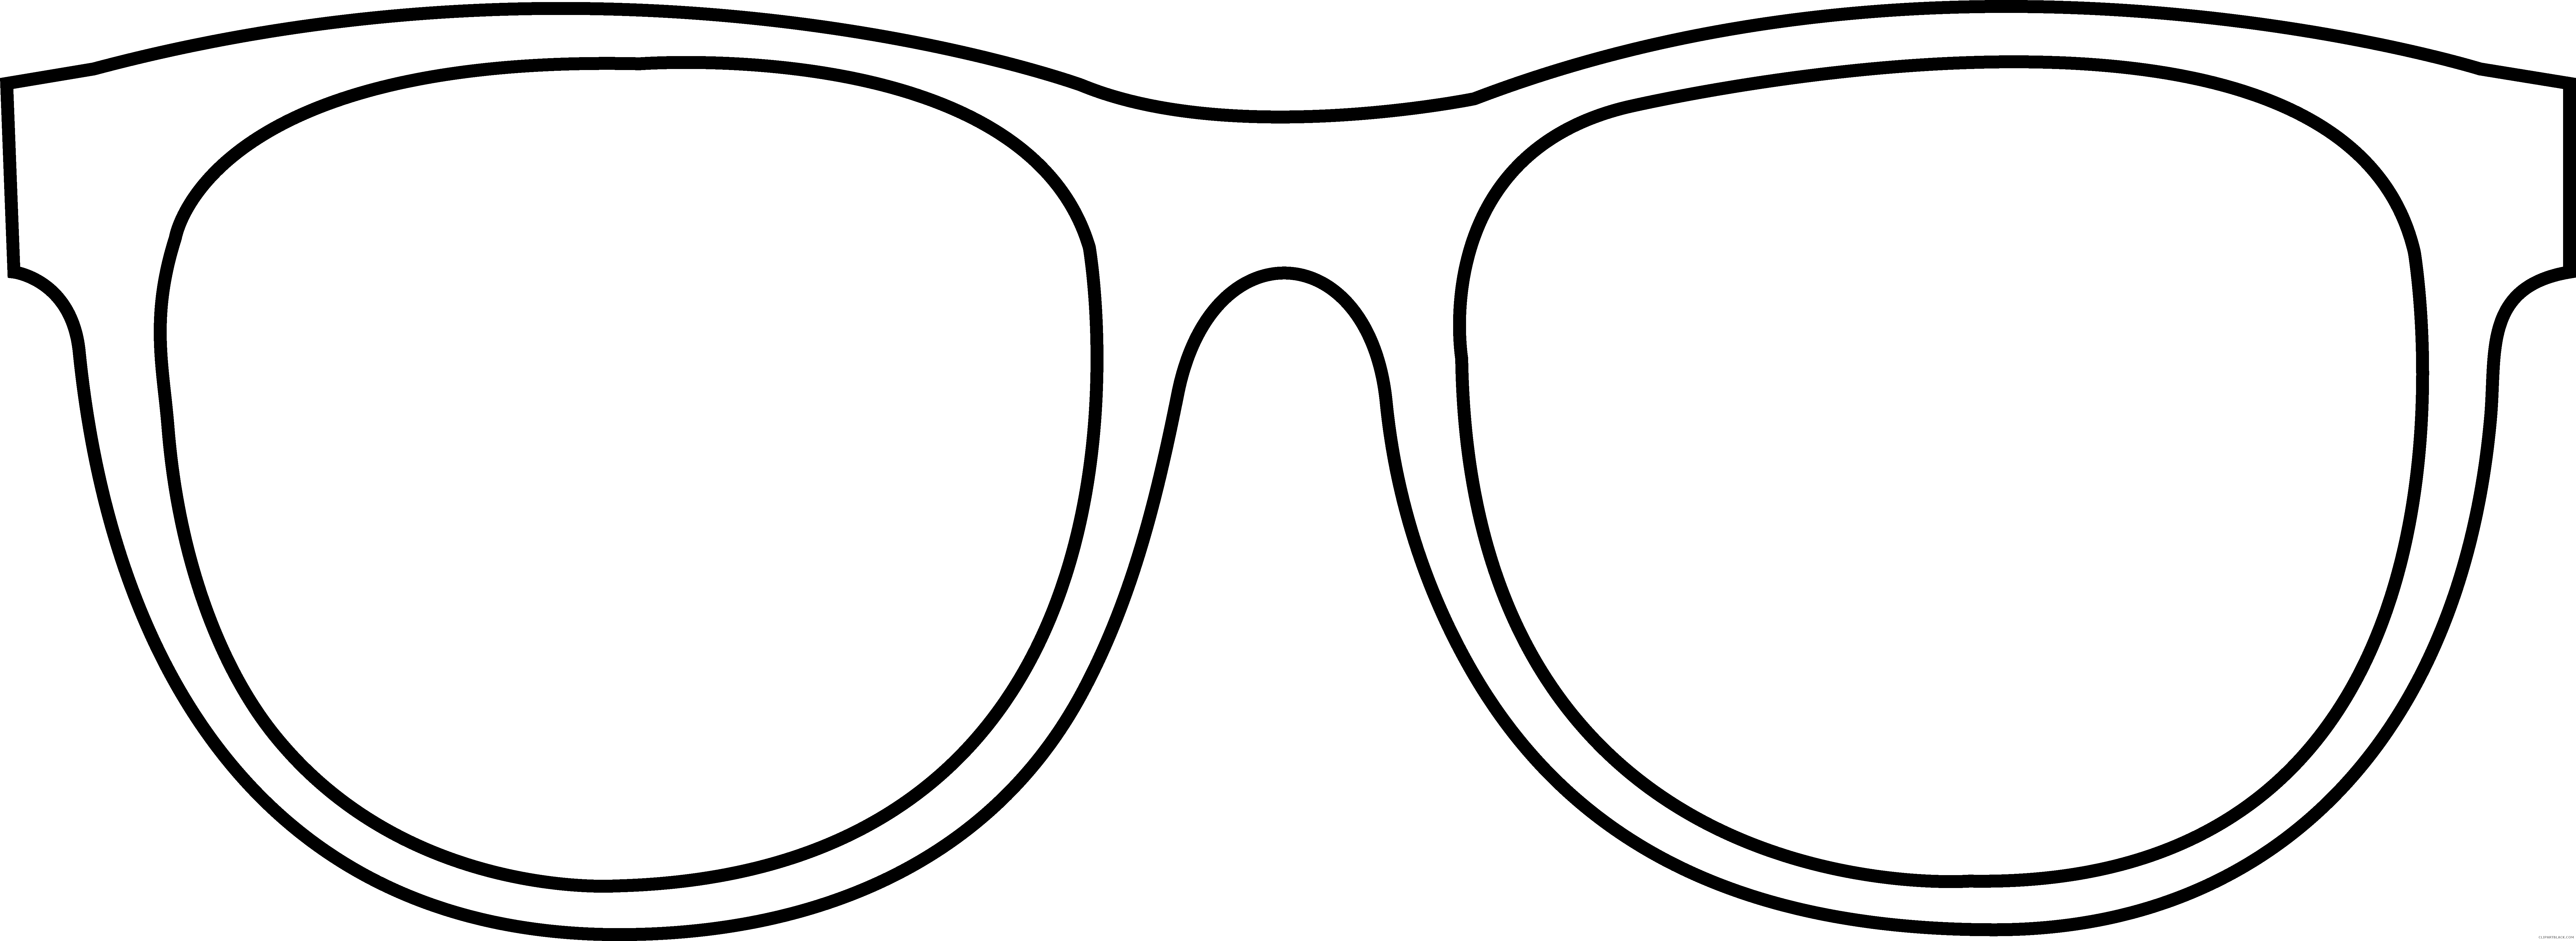 Sun glasses clipart black and shite vector library library Sunglasses - Page 6 of 11 - ClipartBlack.com vector library library